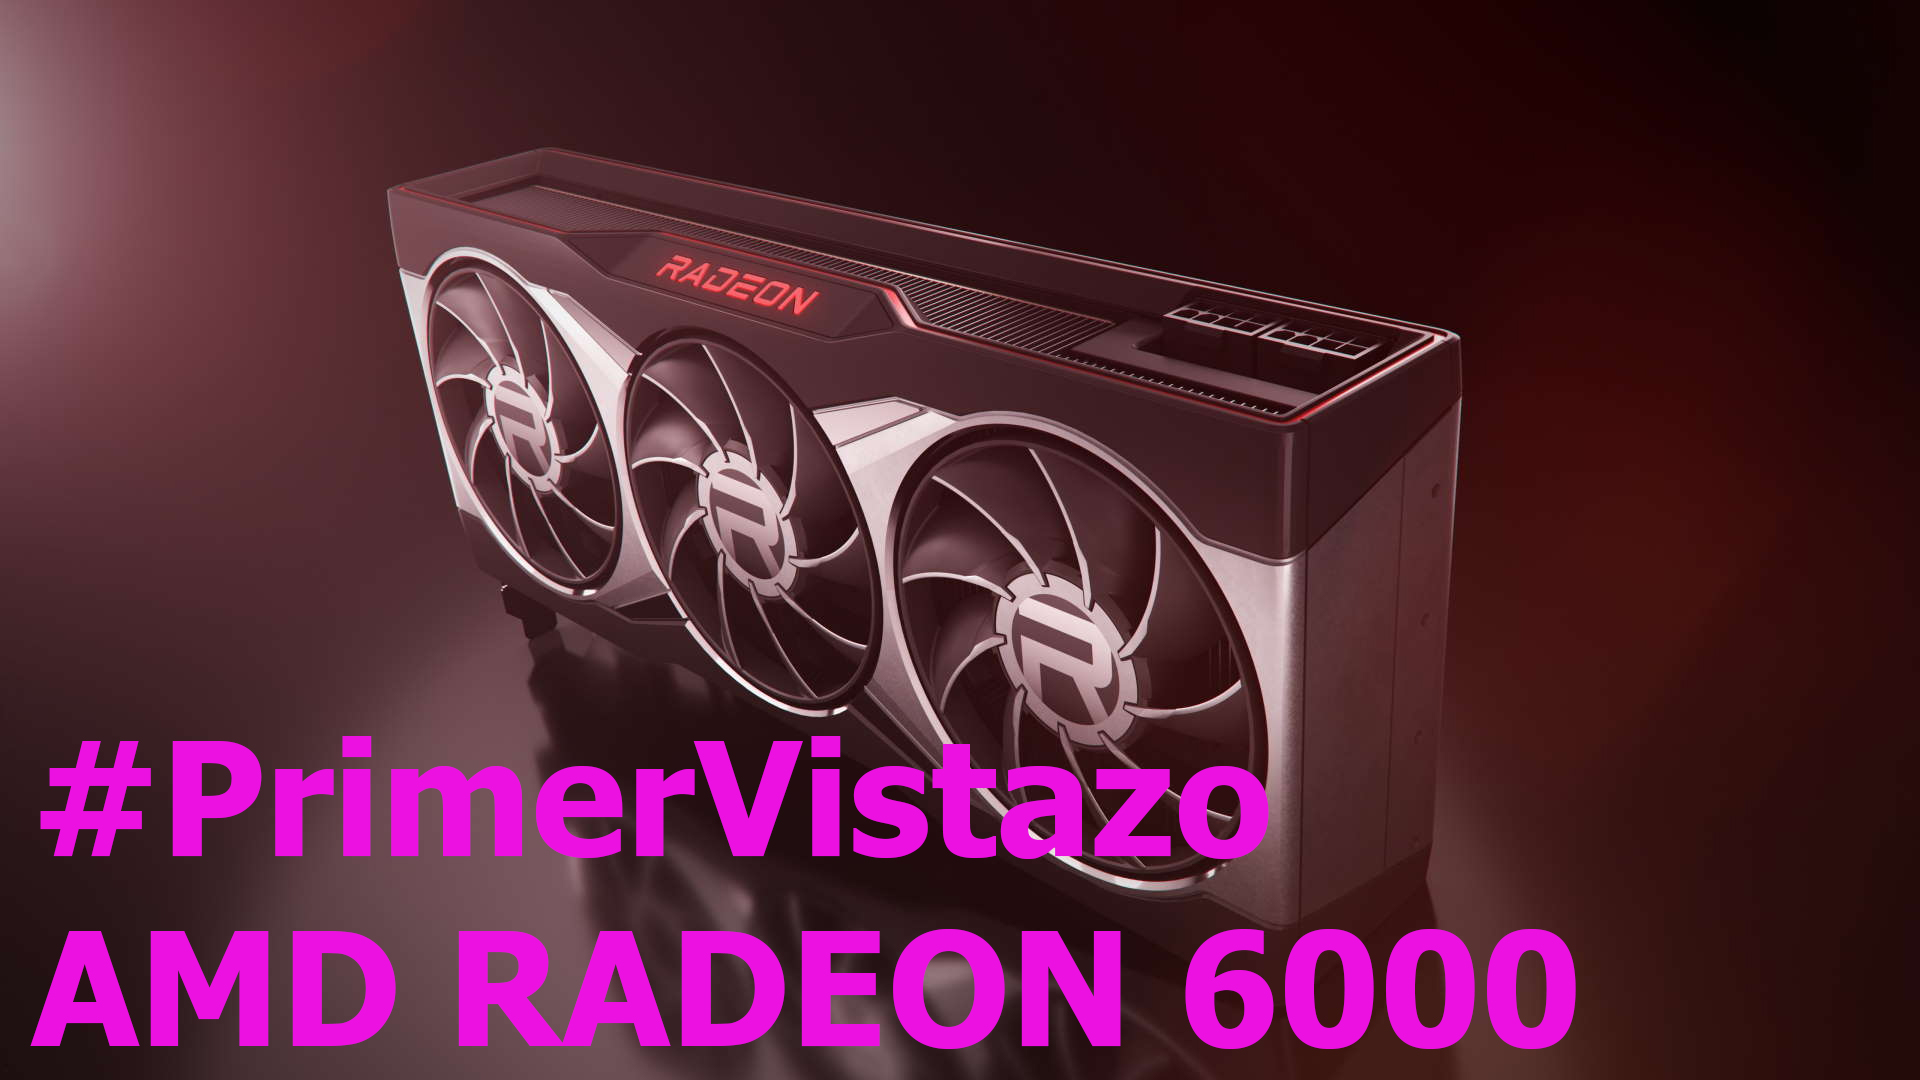 Las 4 cosas que tiene que saber de las nuevas tarjetas AMD Radeon 6000 + ñapa y mis conclusiones